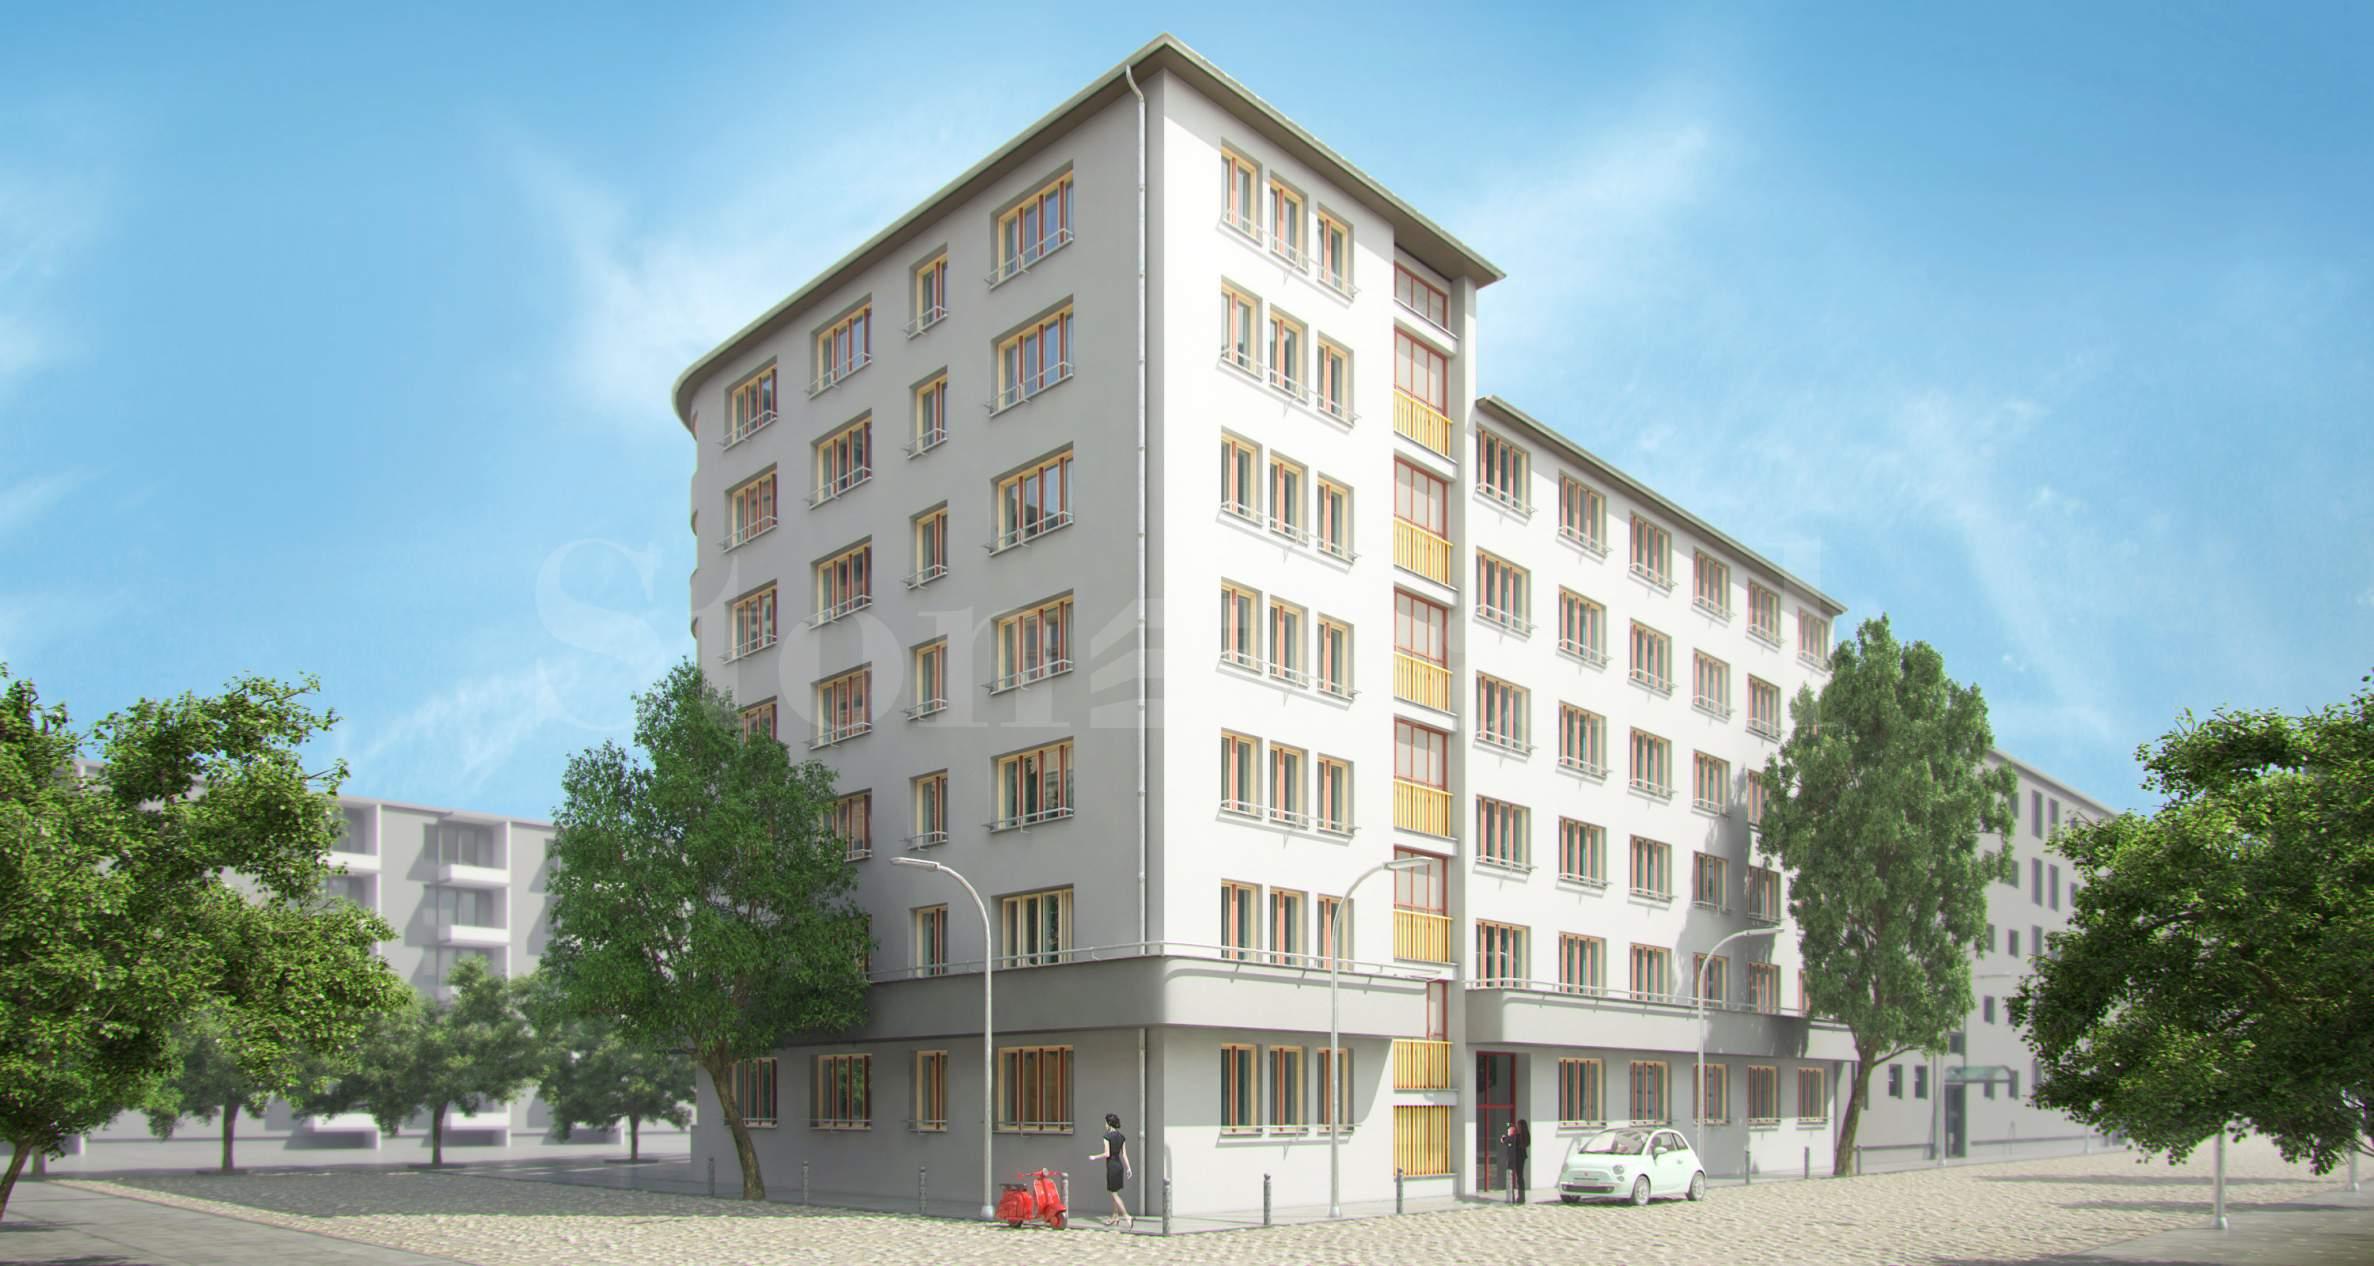 Апартаменти в обновена сграда с историческо значение до паркове1 - Stonehard